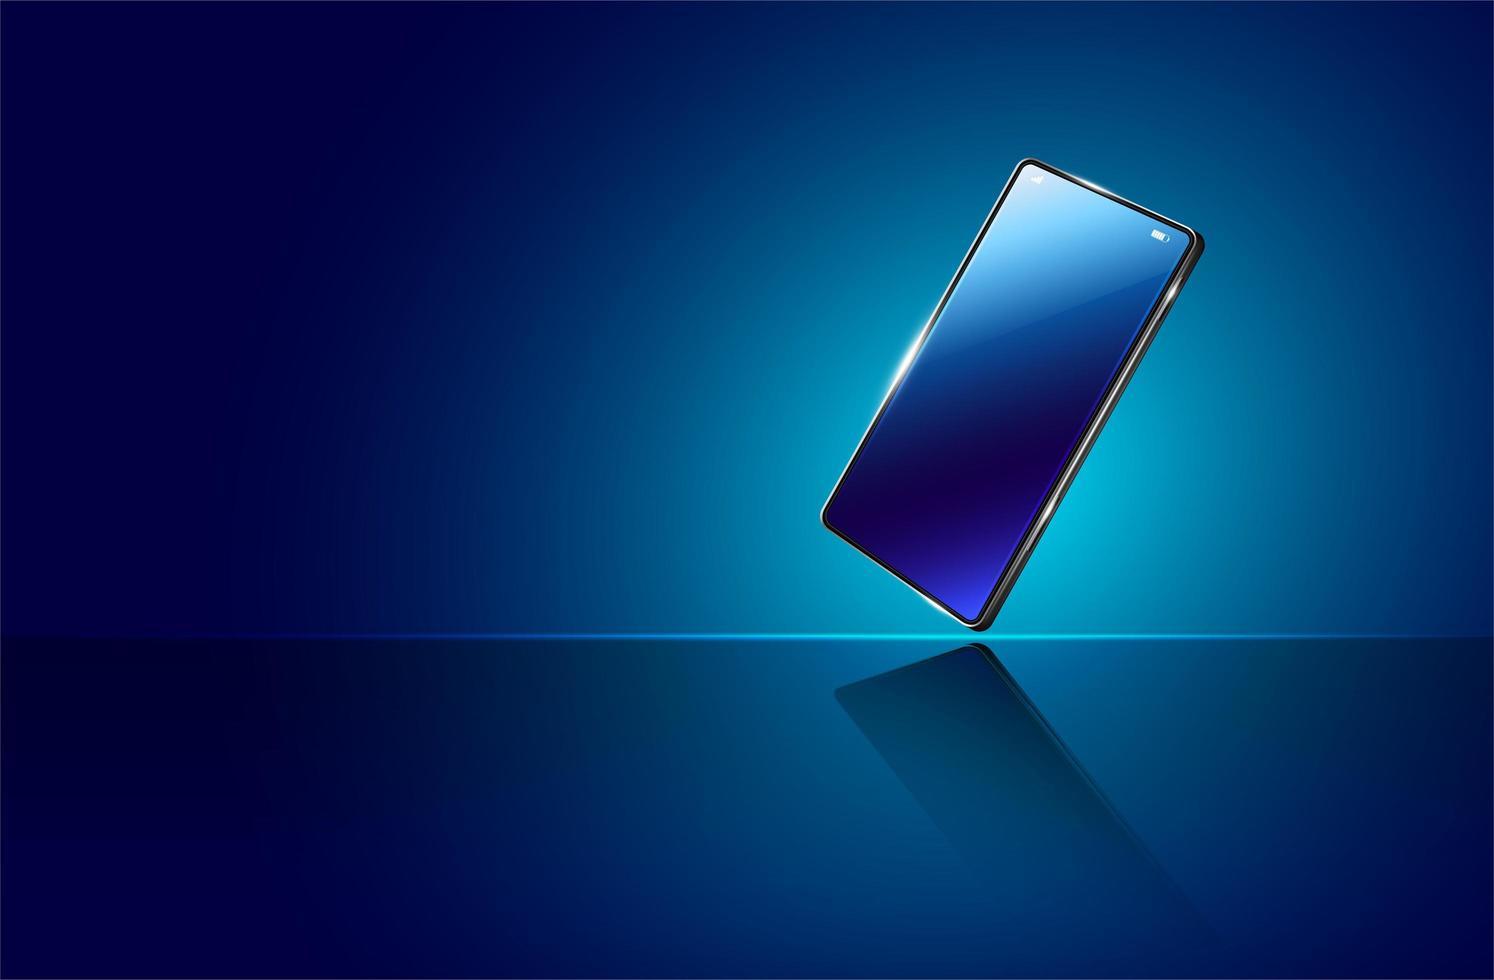 realsitisk mobiltelefon på glödande blå lutning vektor